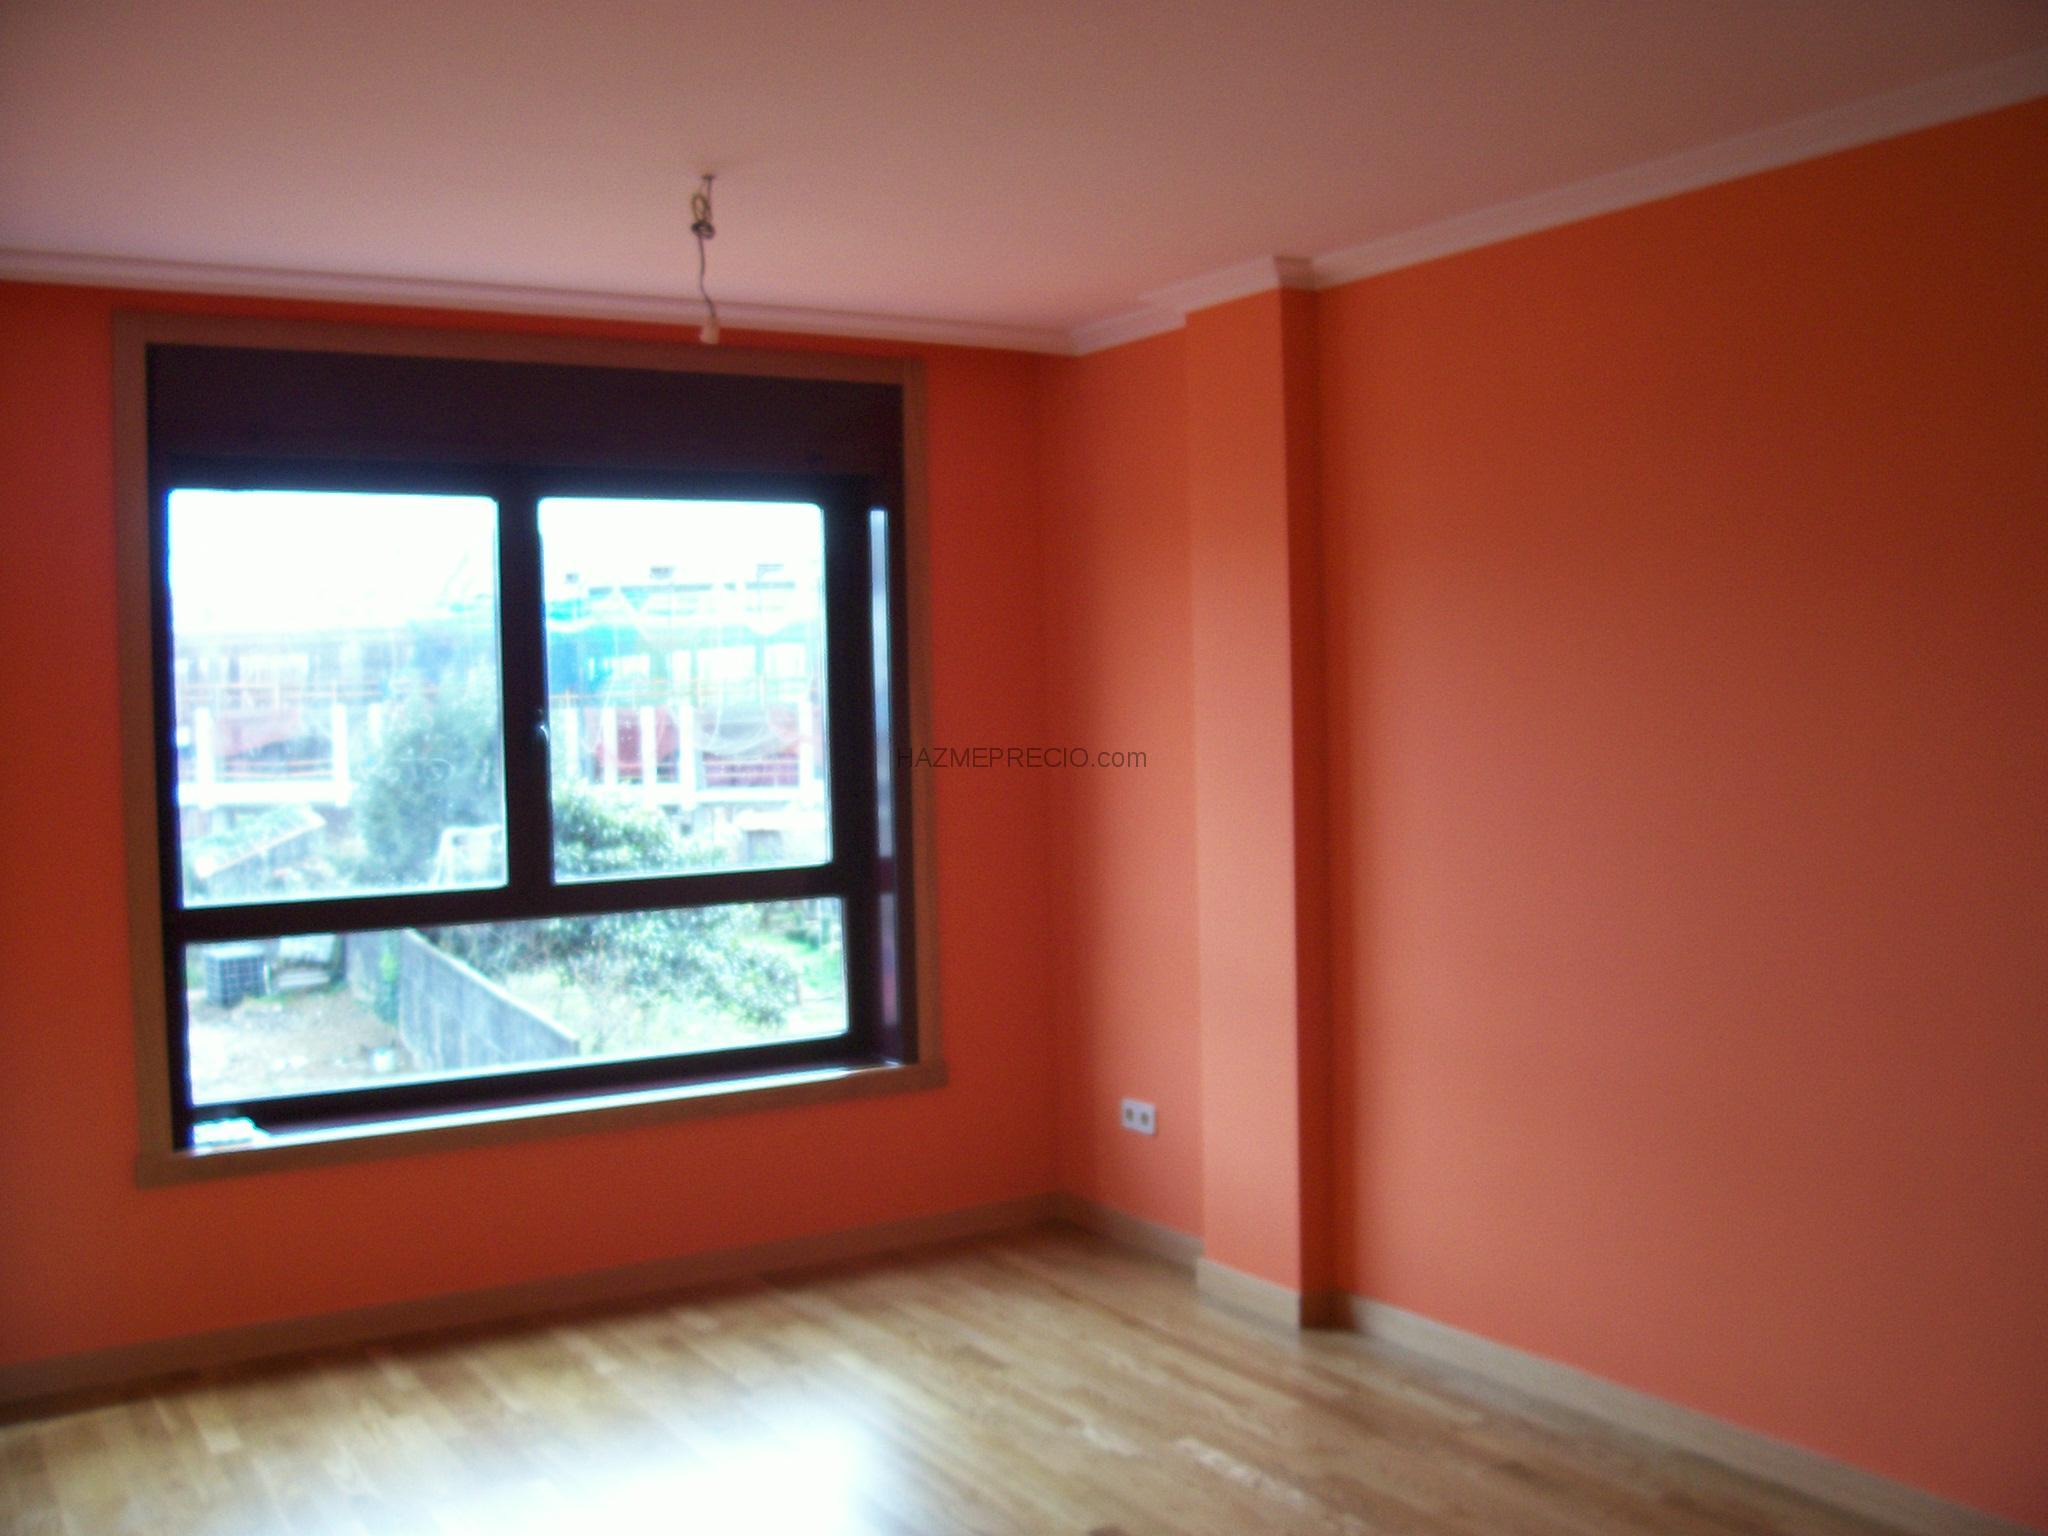 Mavelca s l 15670 culleredo a coru a - Interiores de pisos ...